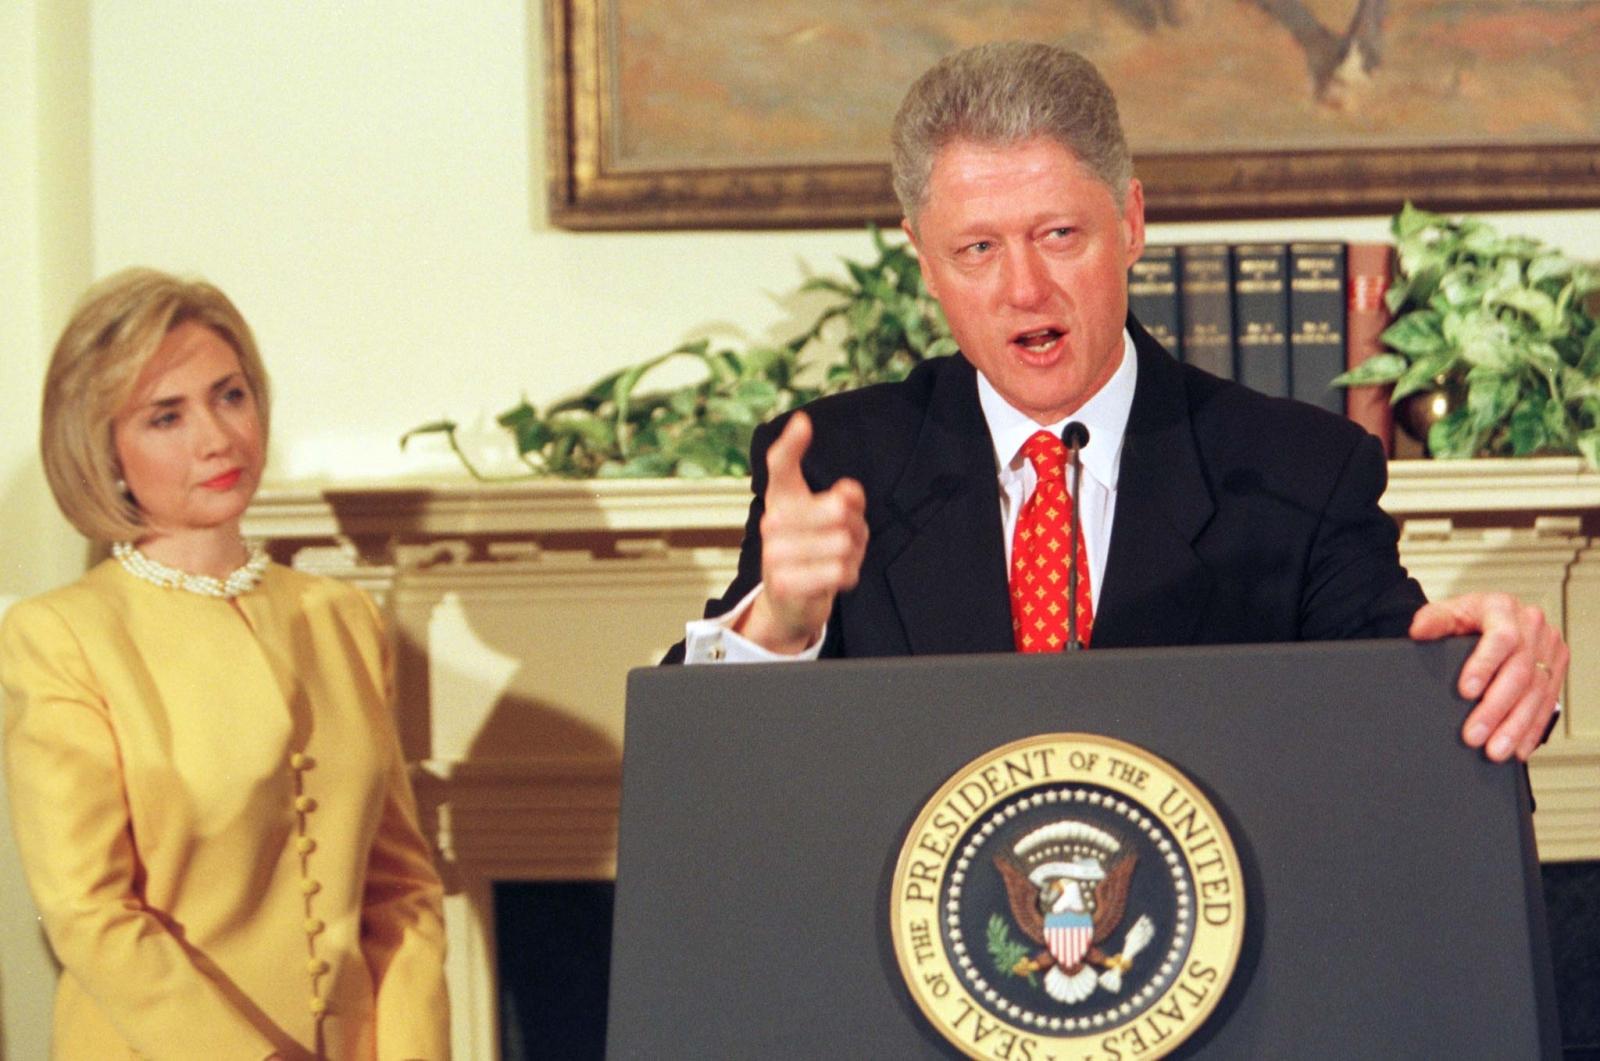 Clinton Denies Lewinski Affair